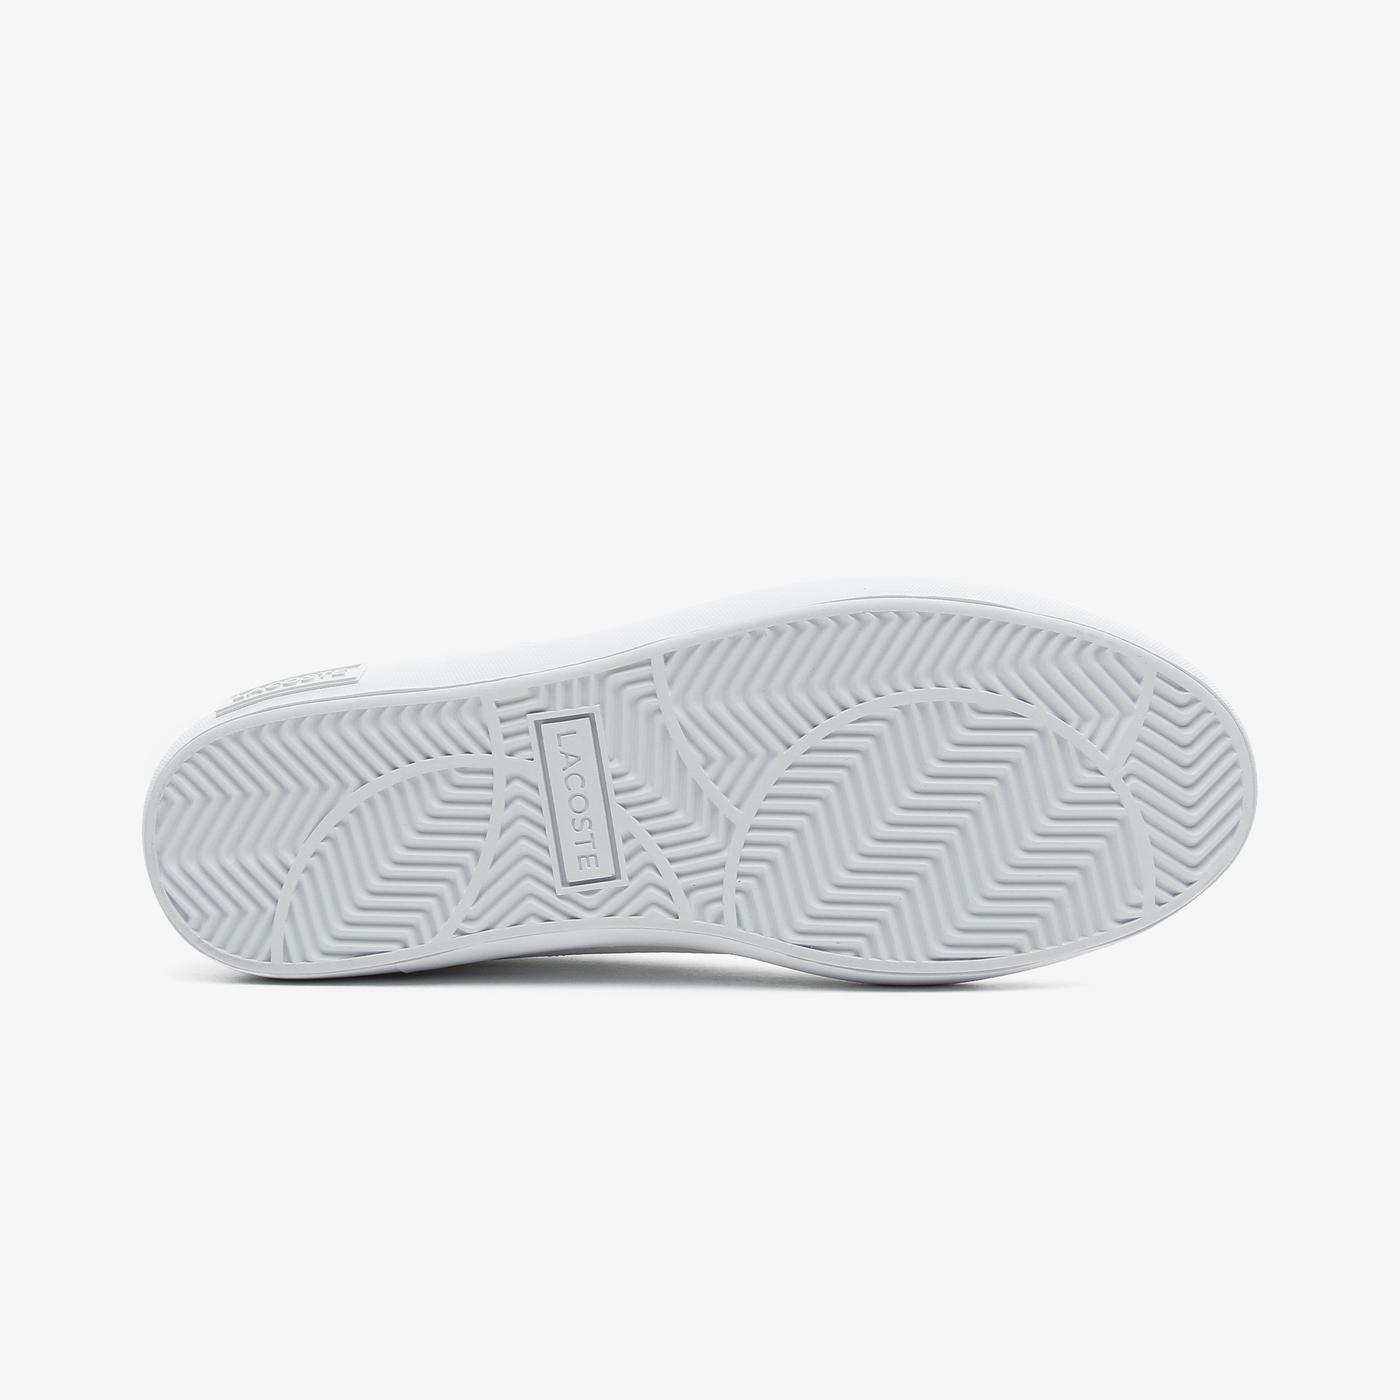 Lacoste Partner Retro 319 1 Sma Erkek Beyaz Spor Ayakkabı